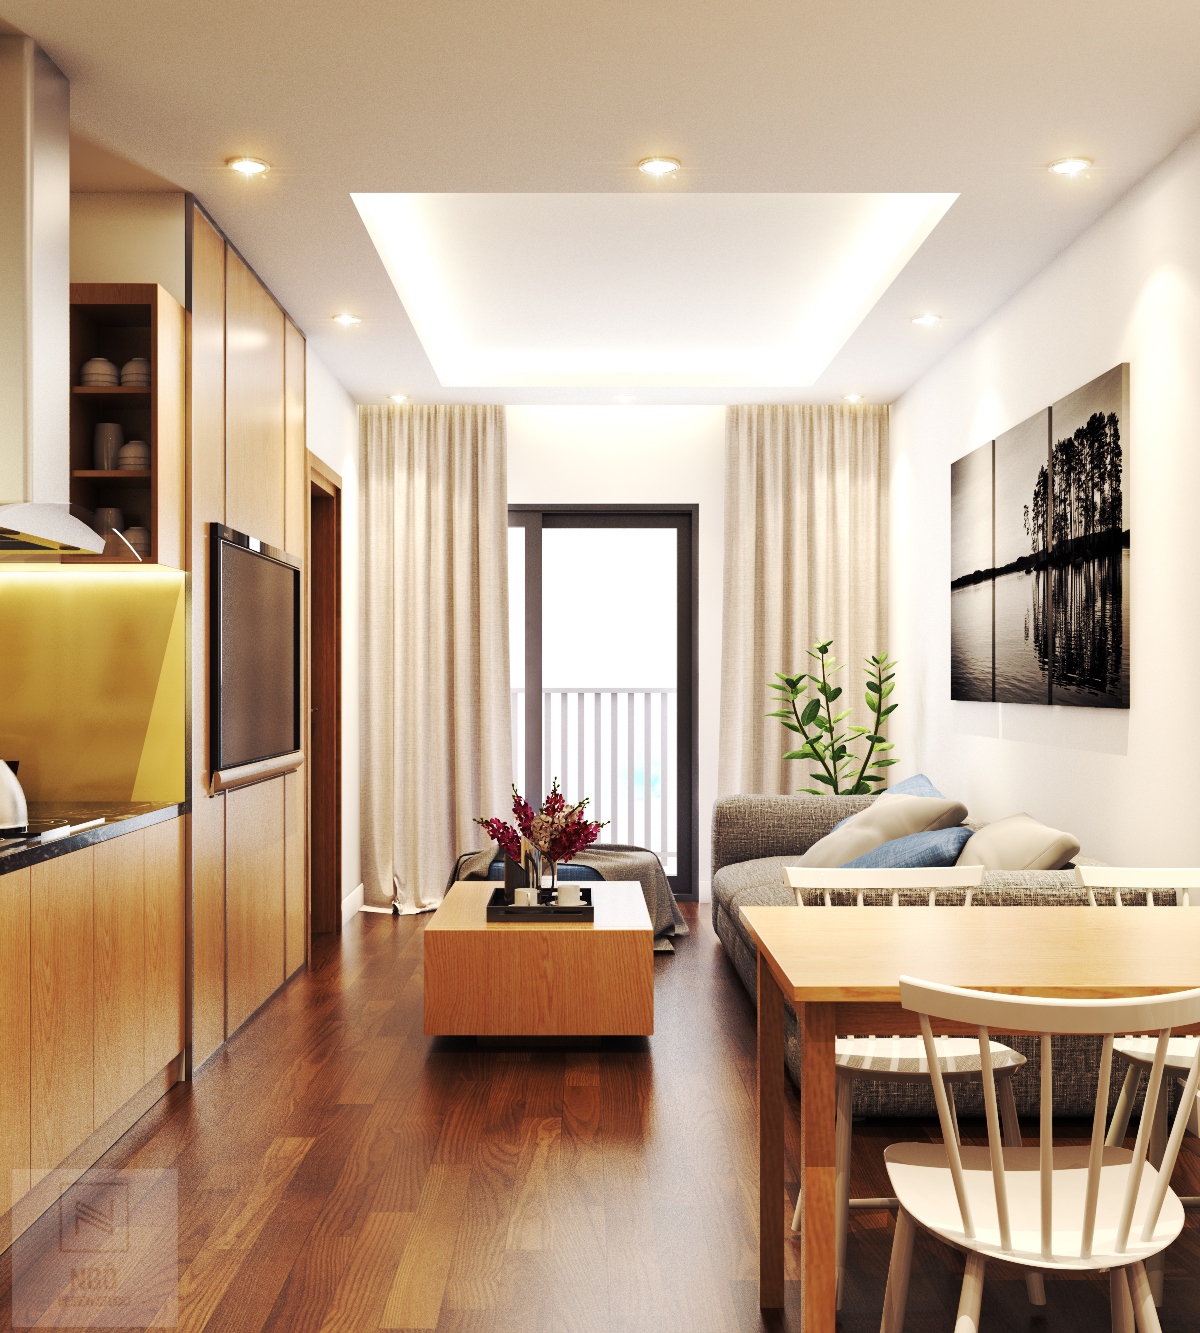 Thi công nội thất gỗ công nghiệp – Lựa chọn số 1 cho công trình đẹp, tiện nghi